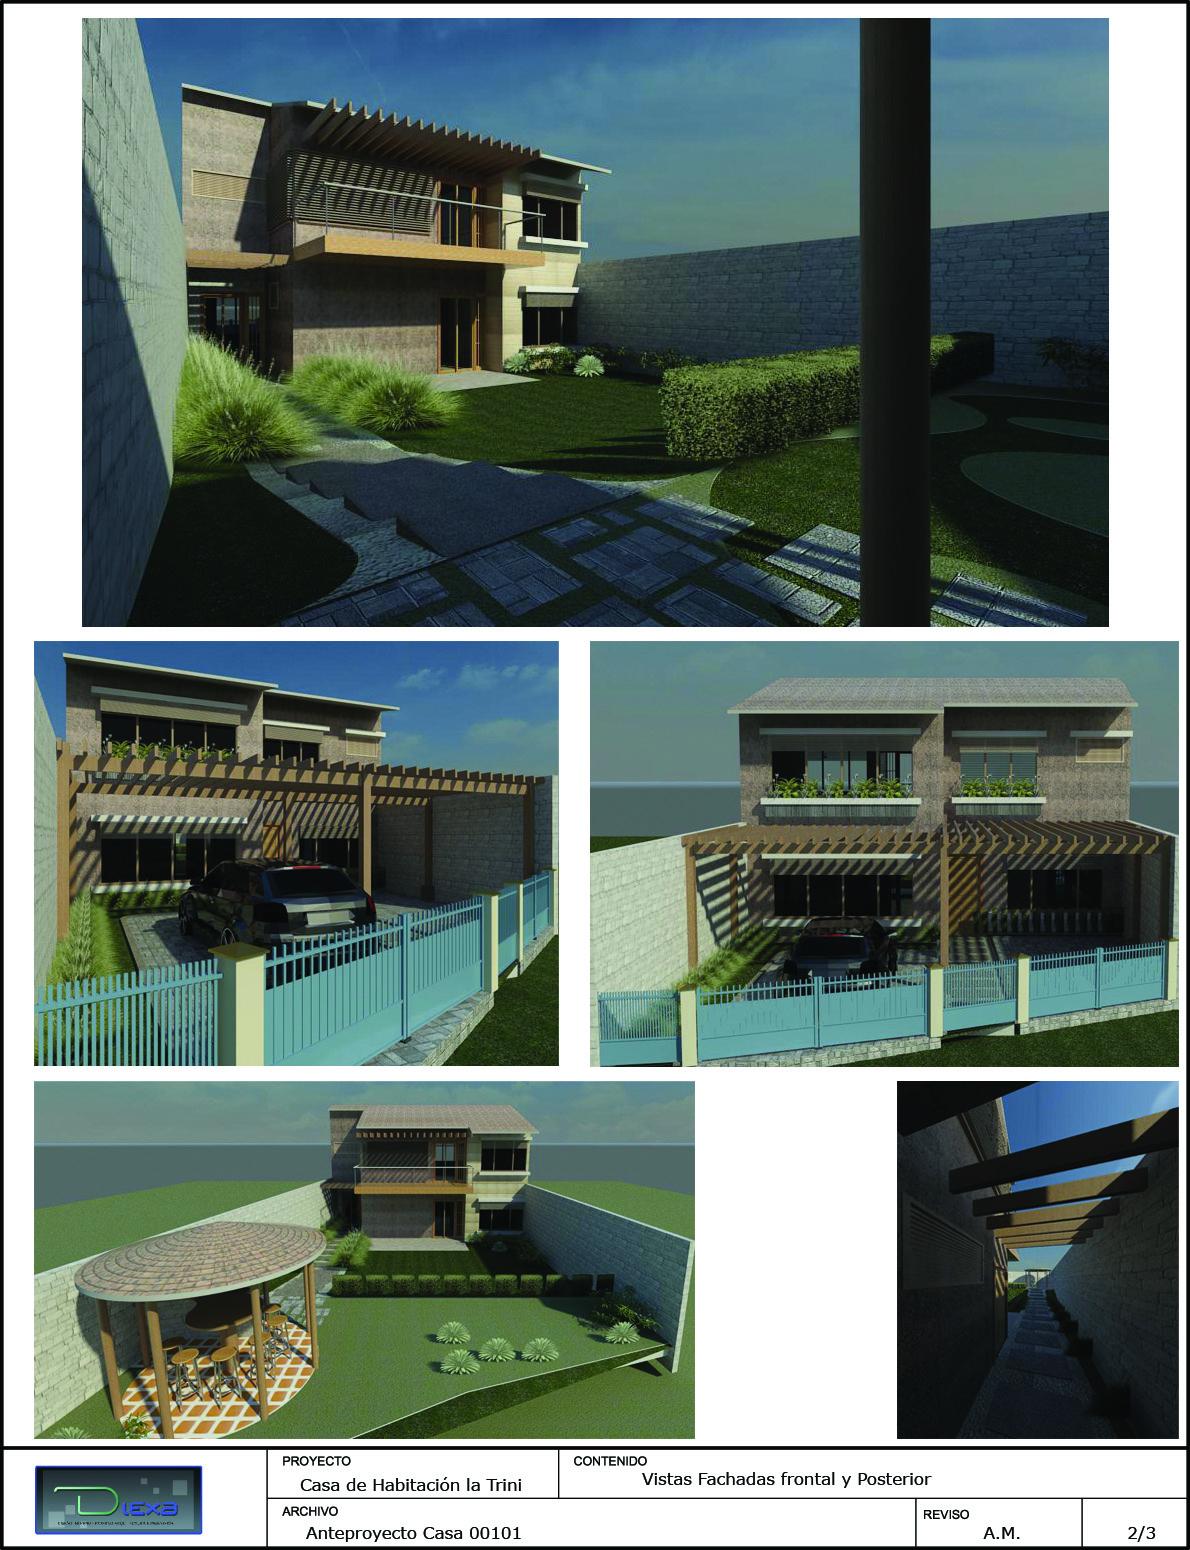 Dise o interno externo arquitectura e ingenier a dise o for Diseno de casa habitacion